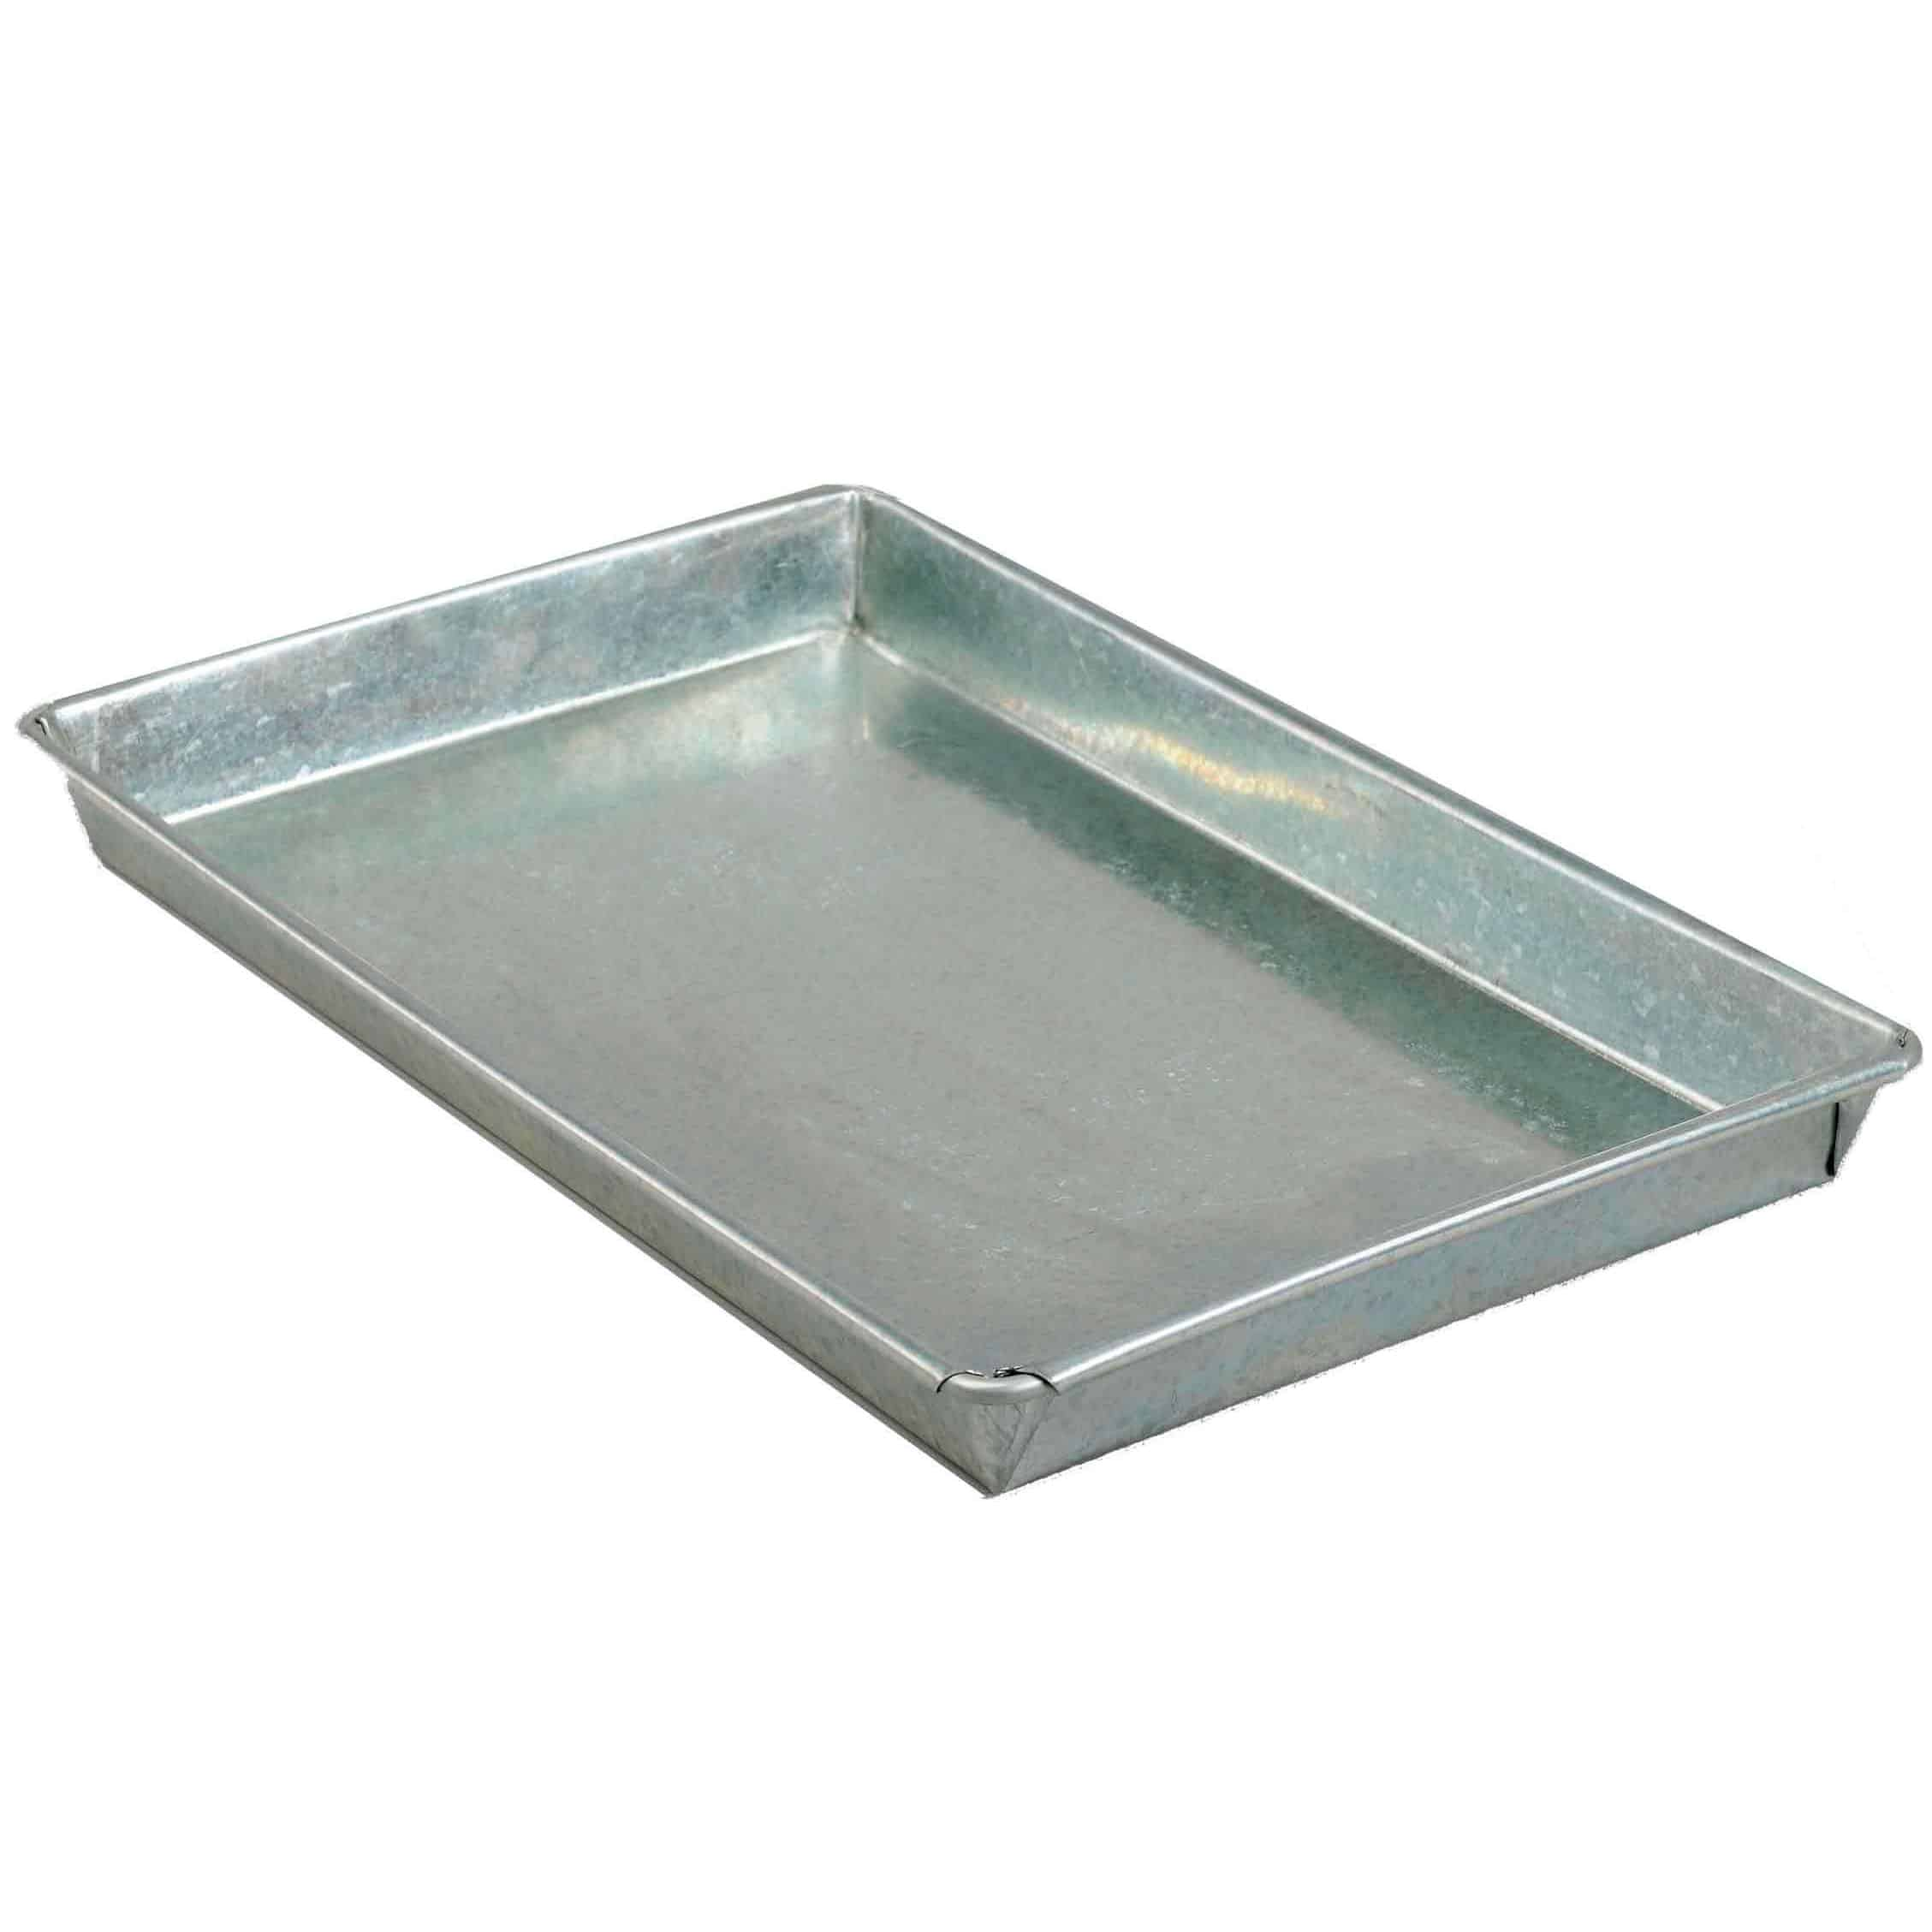 Galvanised Steel Drip Trays 8 Litre